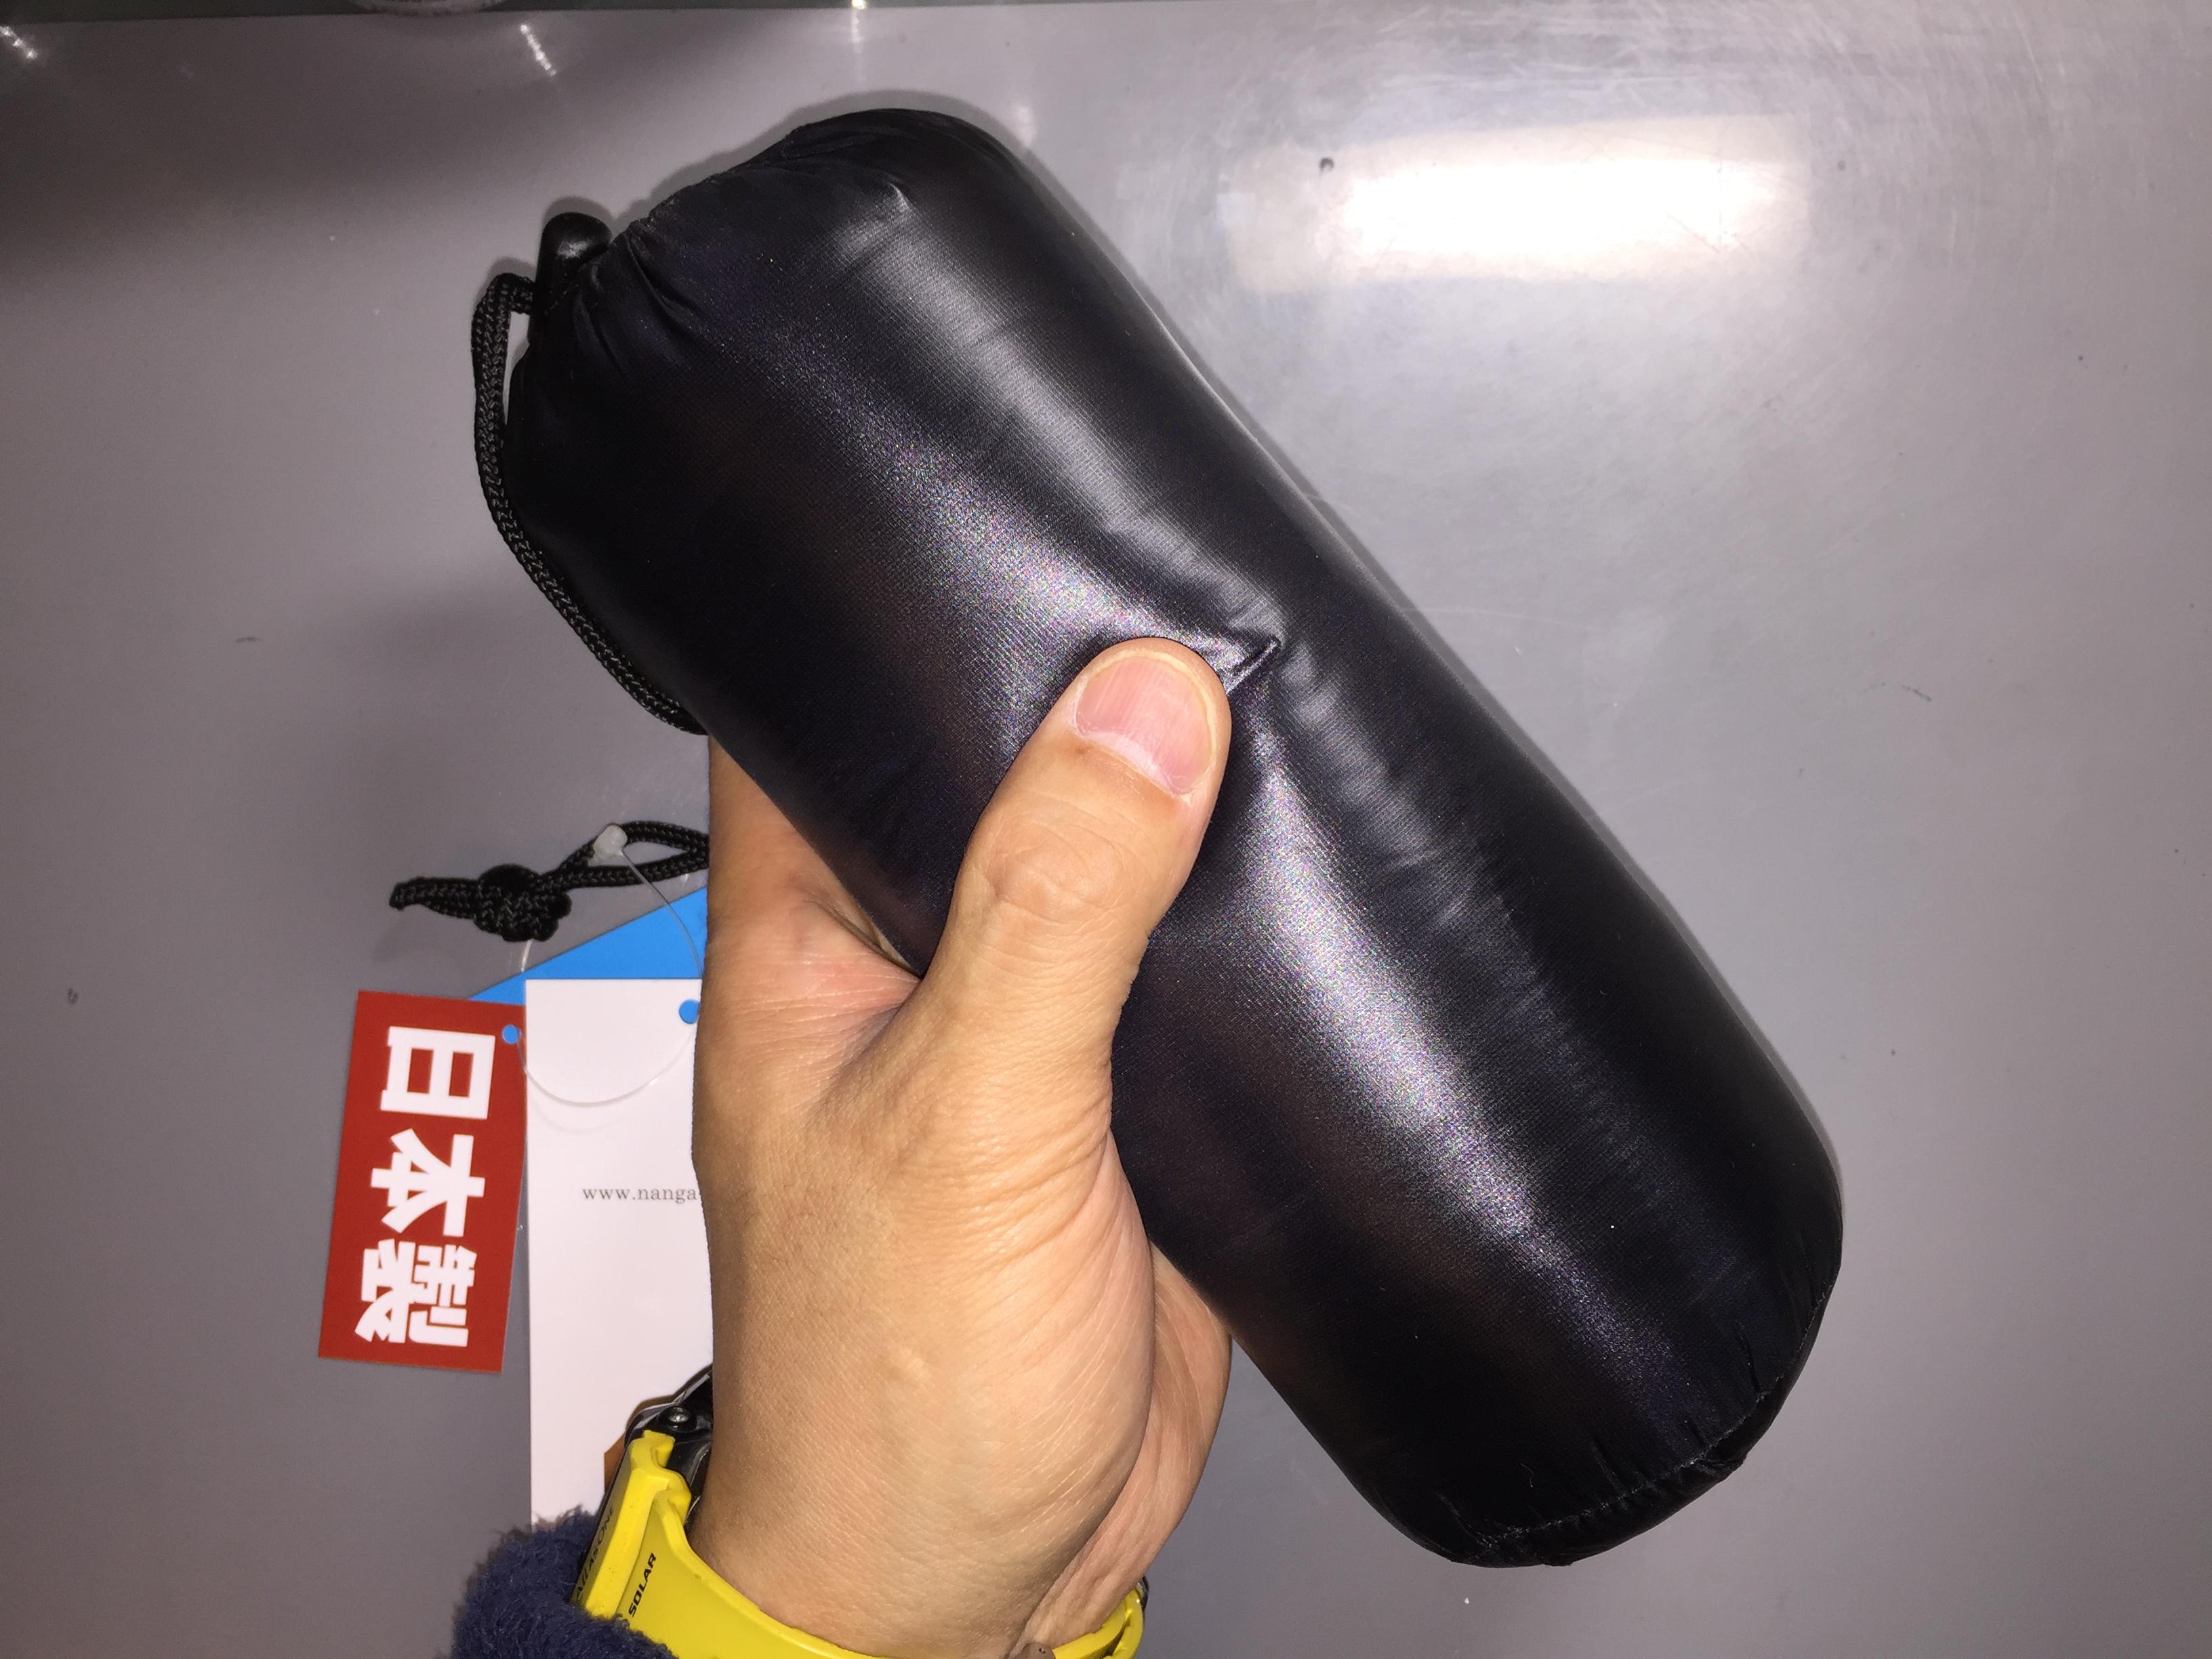 nanga ダウンパンツ (1)